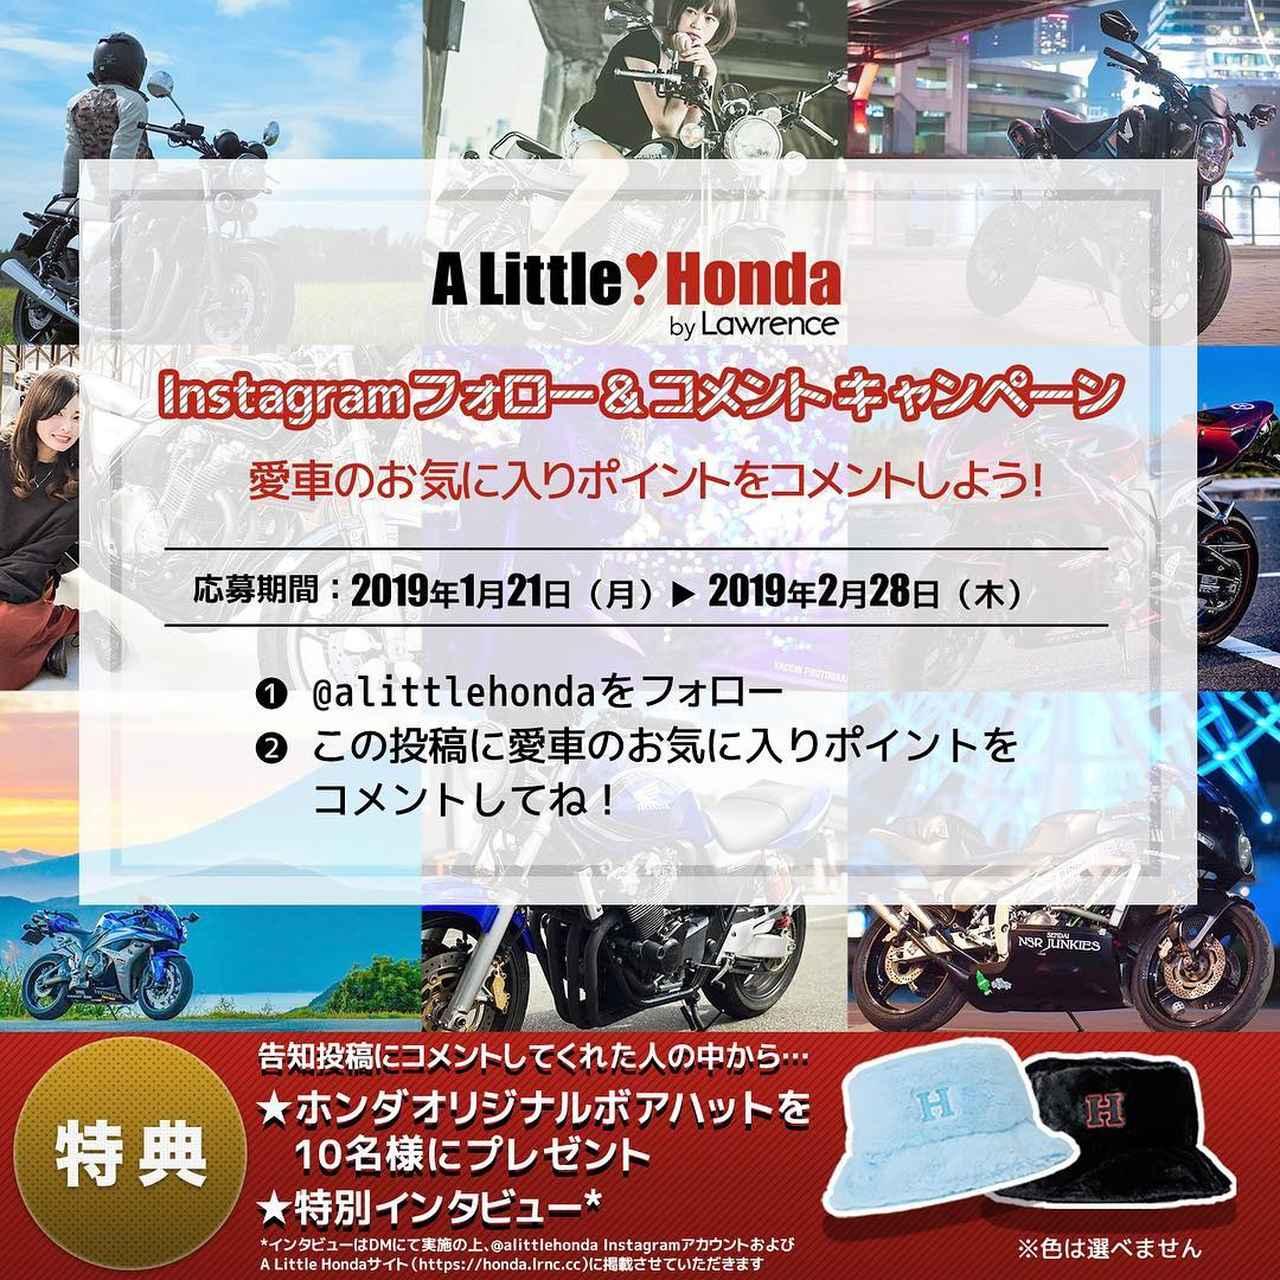 """画像1: A Little Honda on Instagram: """"本日よりA Little Hondaの公式アカウントでは期間限定のコメントキャンペーンを開催します!✨ ・ 当アカウントをフォローして、あなたのホンダバイクの愛車のお気に入りポイントをこちらの投稿にコメントしてください!…"""" www.instagram.com"""